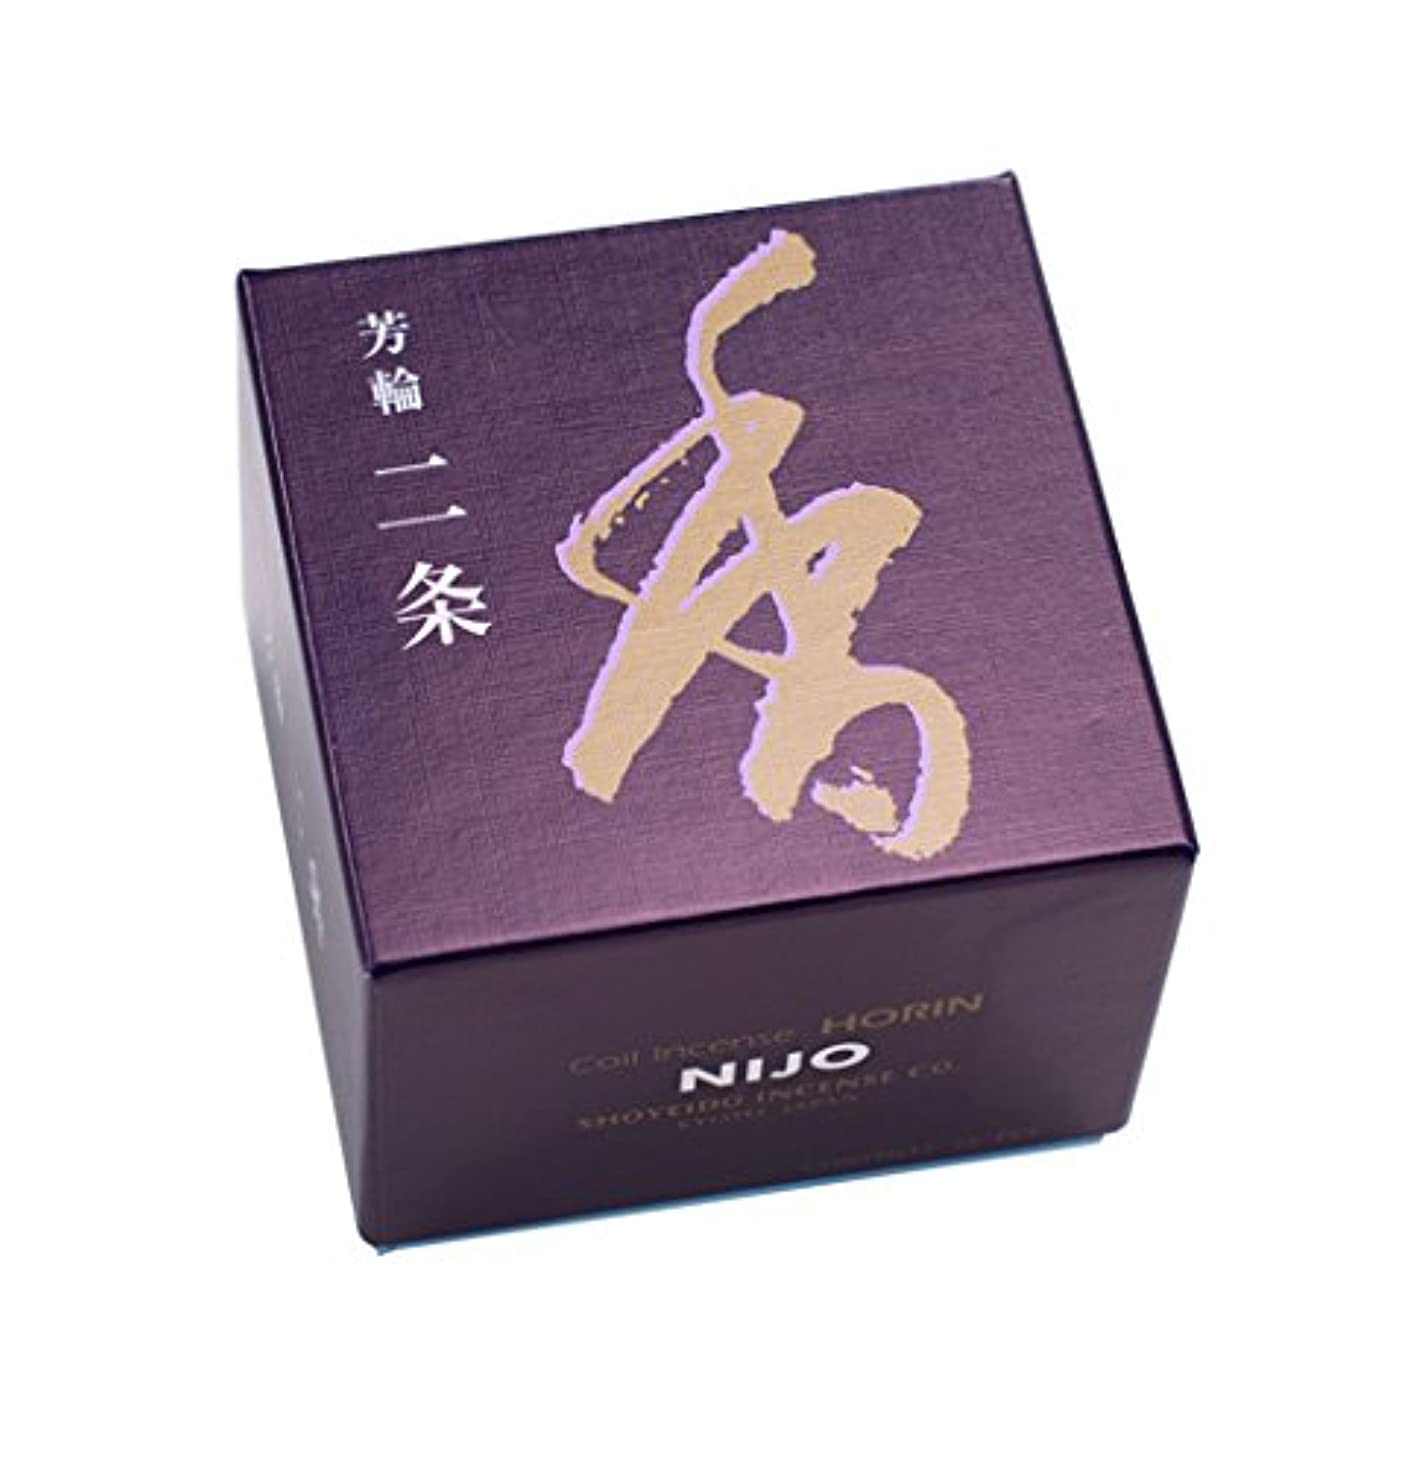 一致する殺人リム松栄堂のお香 芳輪二条 渦巻型10枚入 うてな角型付 #210121